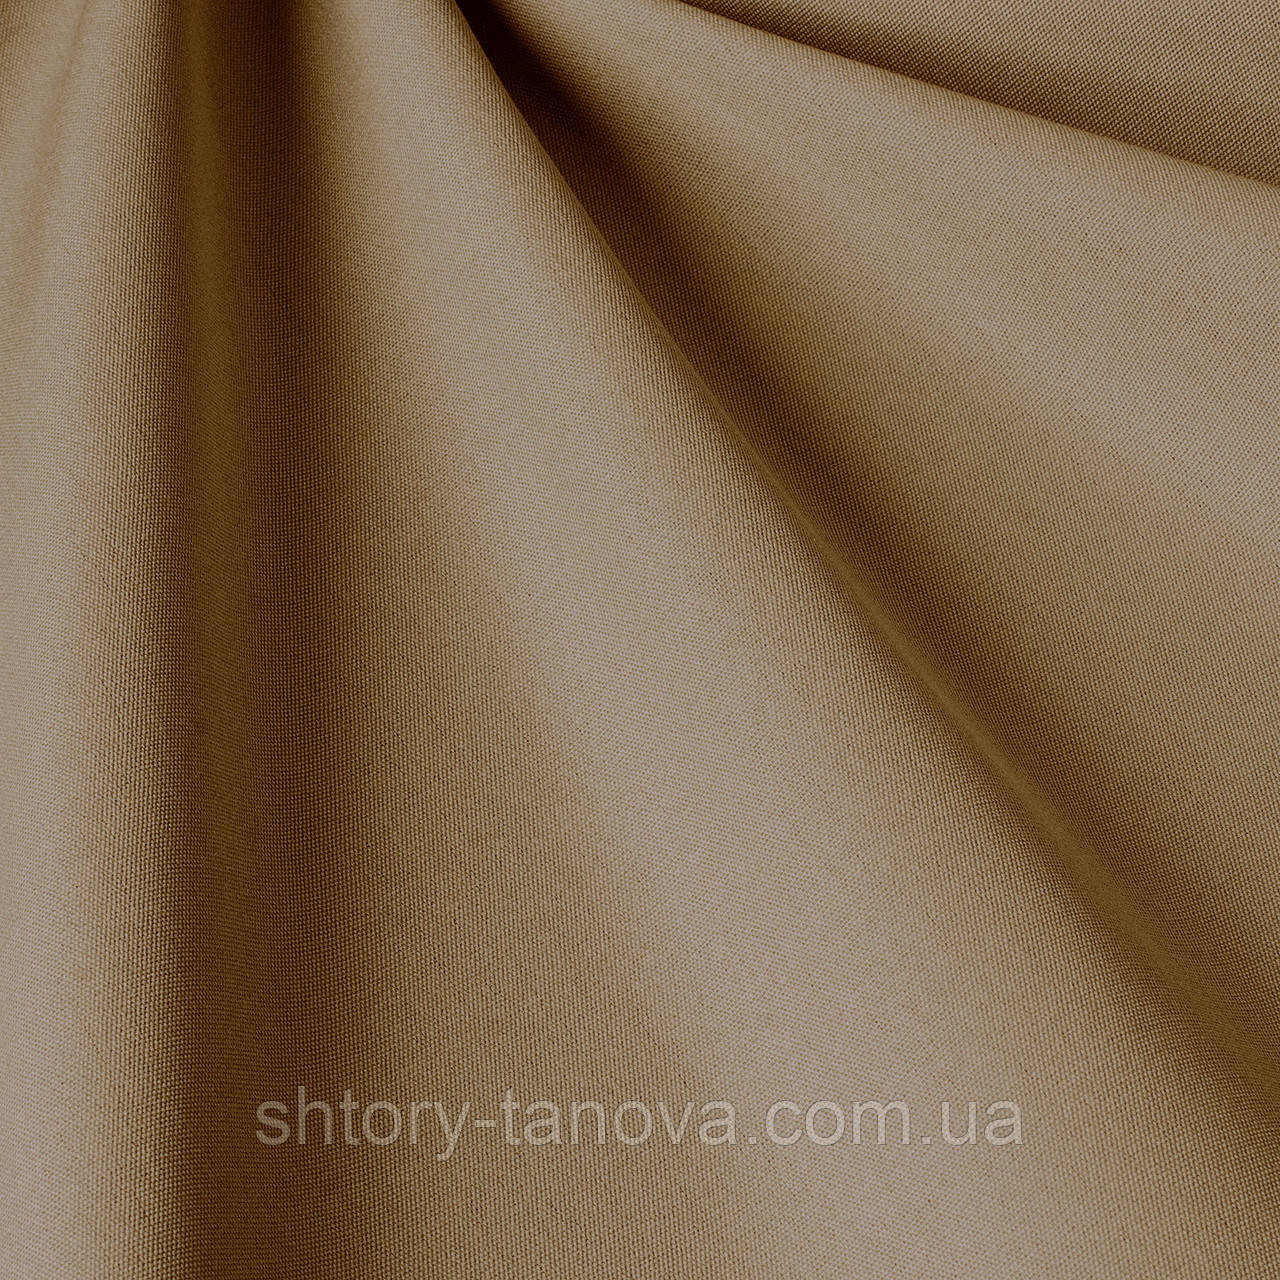 Однотонна акрилова тканина для вулиці темно-кремового кольору